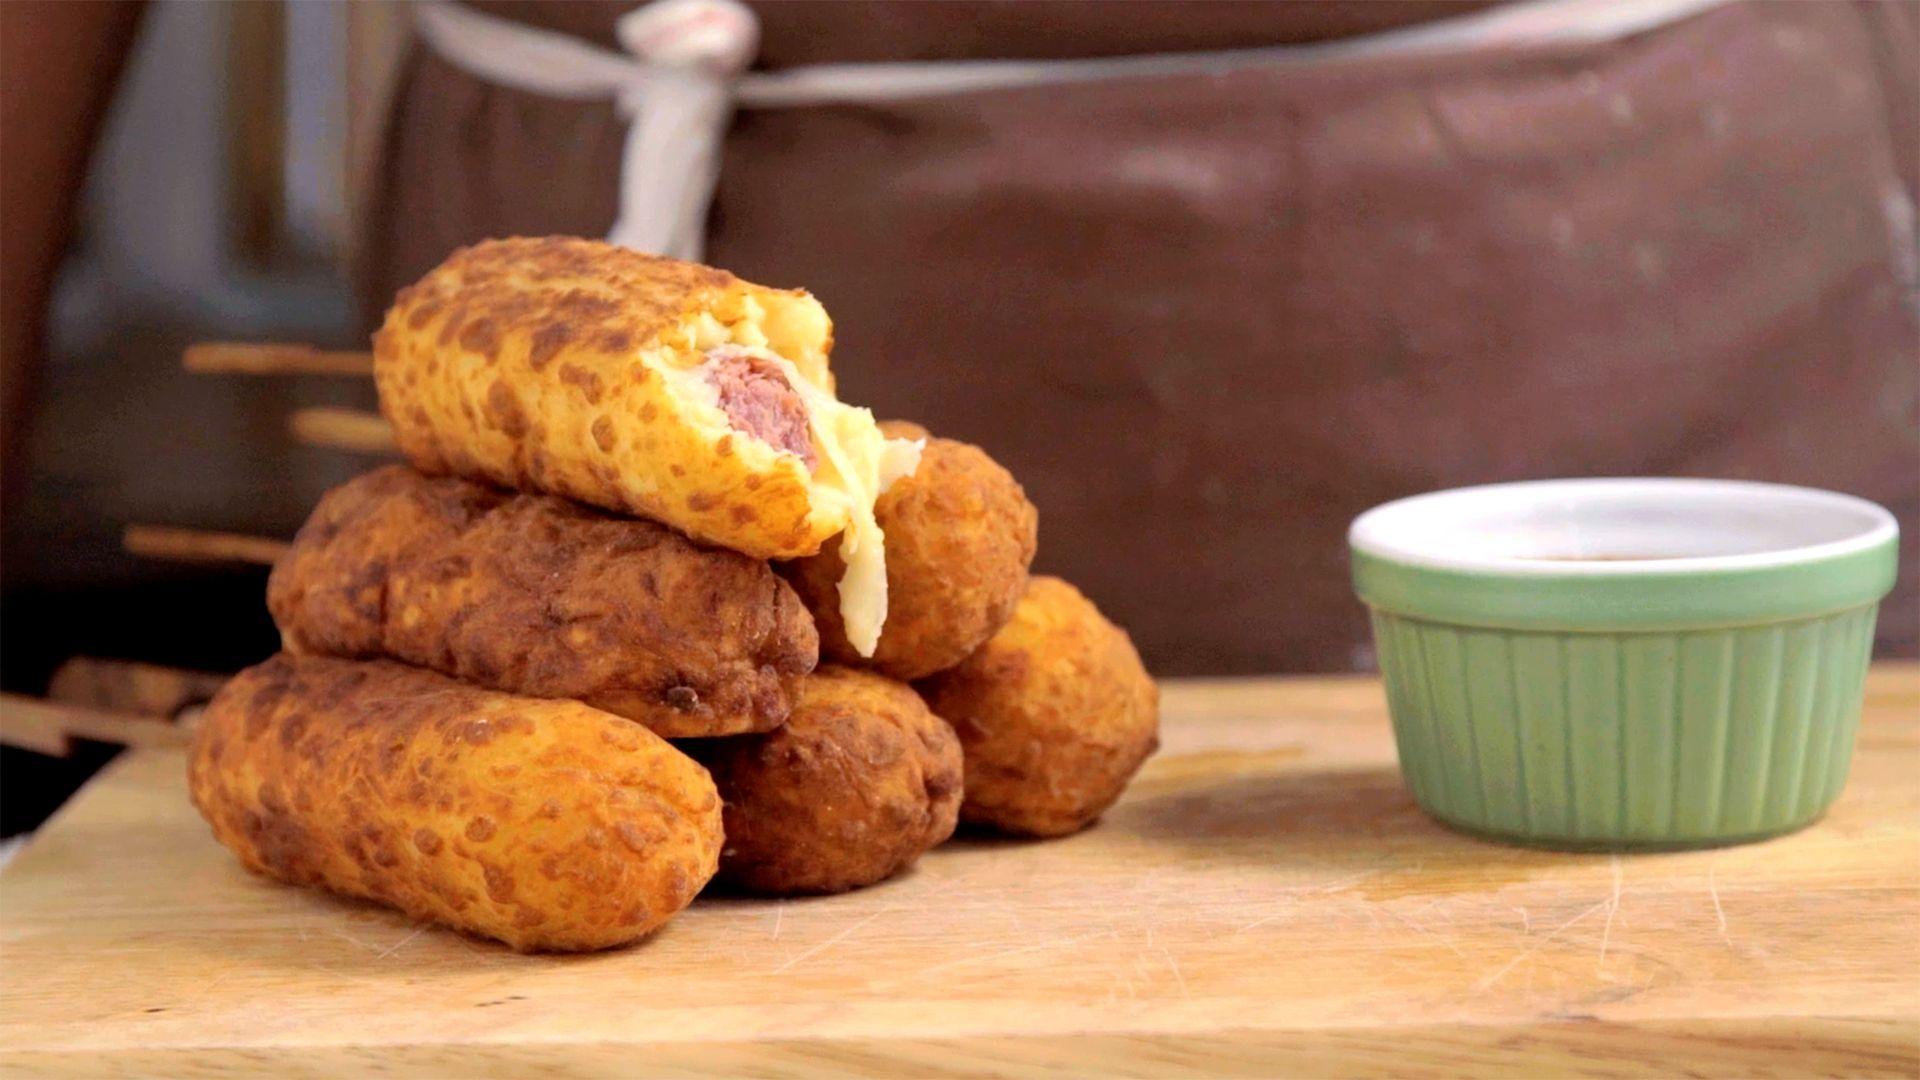 Receita de Linguiça Empanada do Palito, faça e sirva para seus amigos e familiares, é garantia de sucesso na cozinha, experimente fazer também, confira.